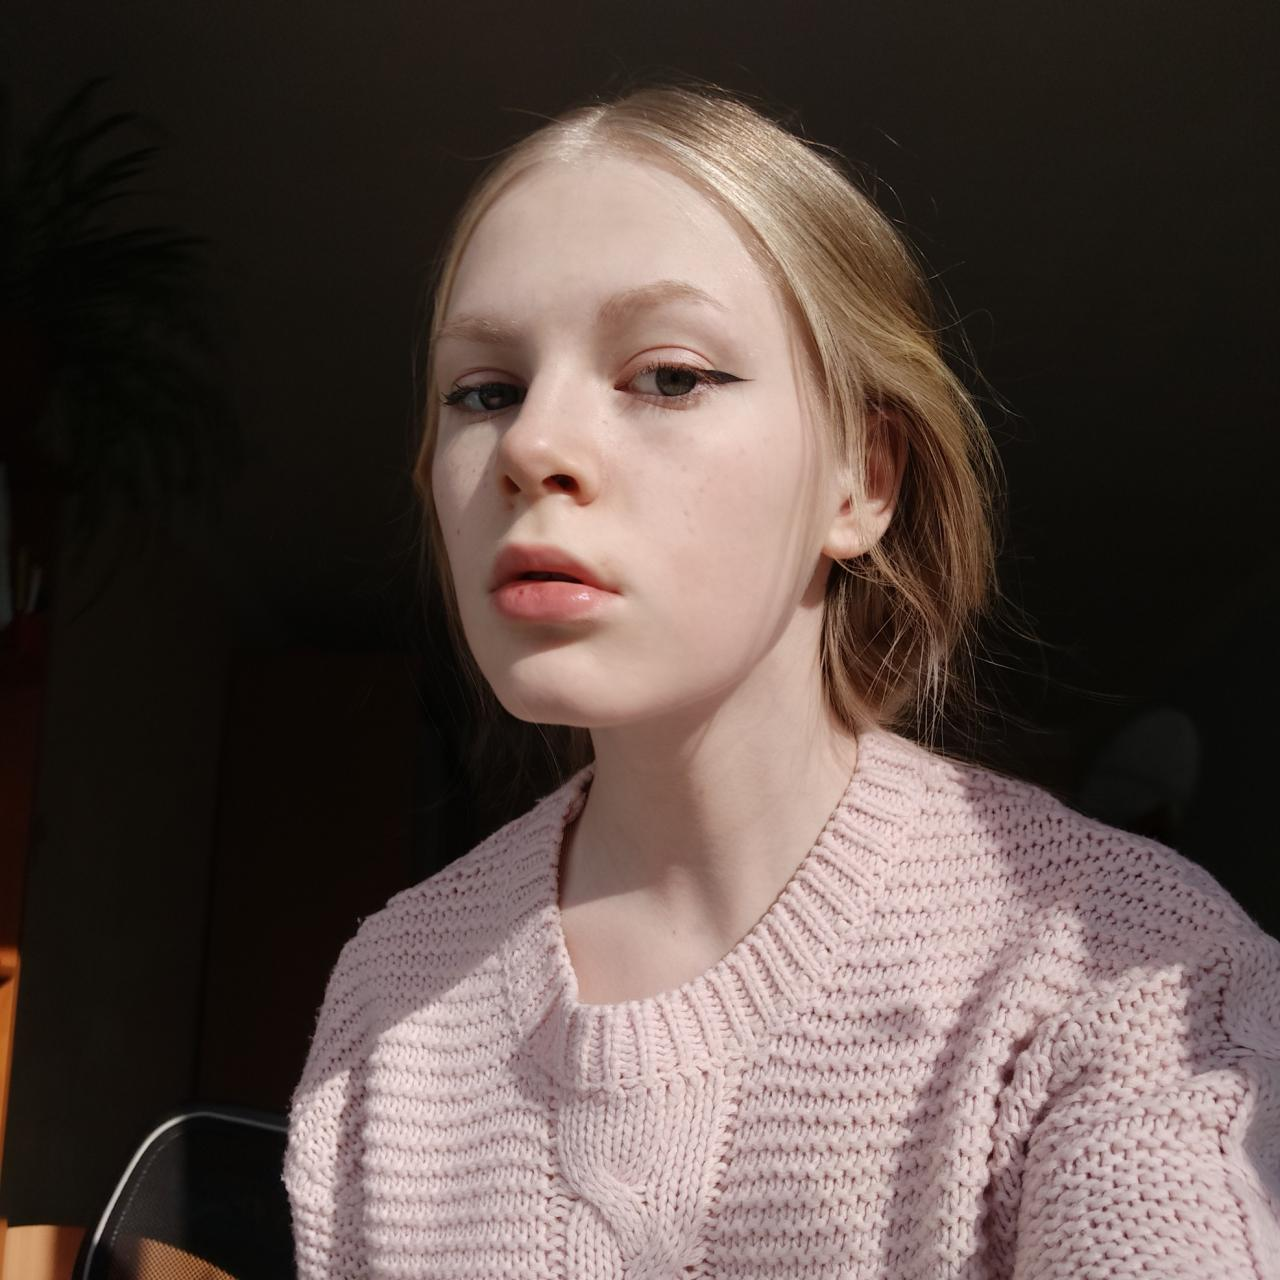 Работа моделью в москве для подростков без опыта милан работа моделью